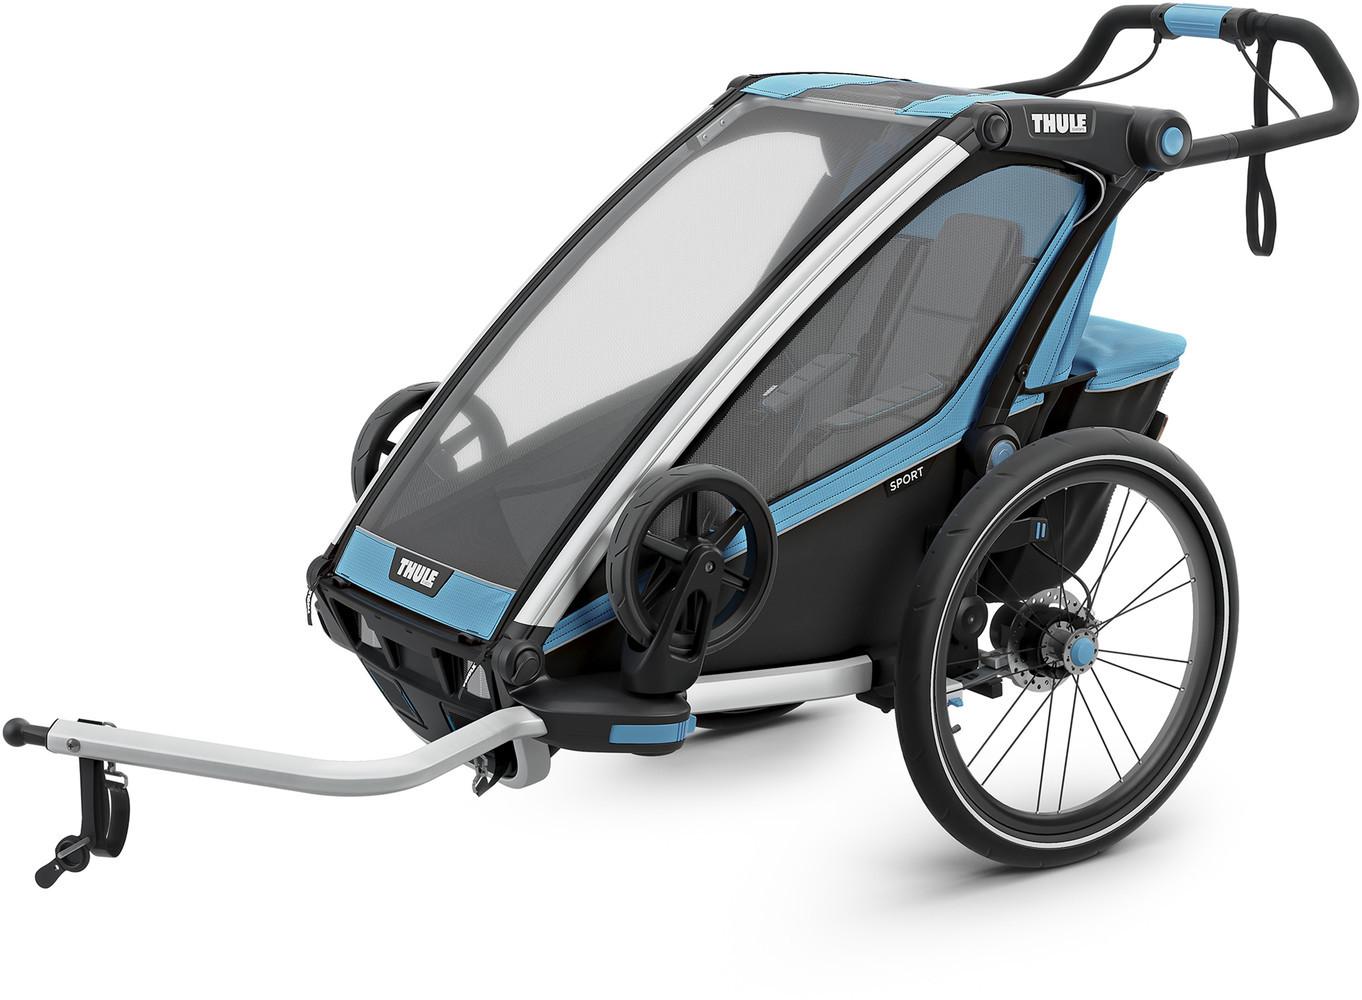 Thule Chariot Sport 1 Przyczepka rowerowa, blue/black 2020 Spacerówki 0872299047185